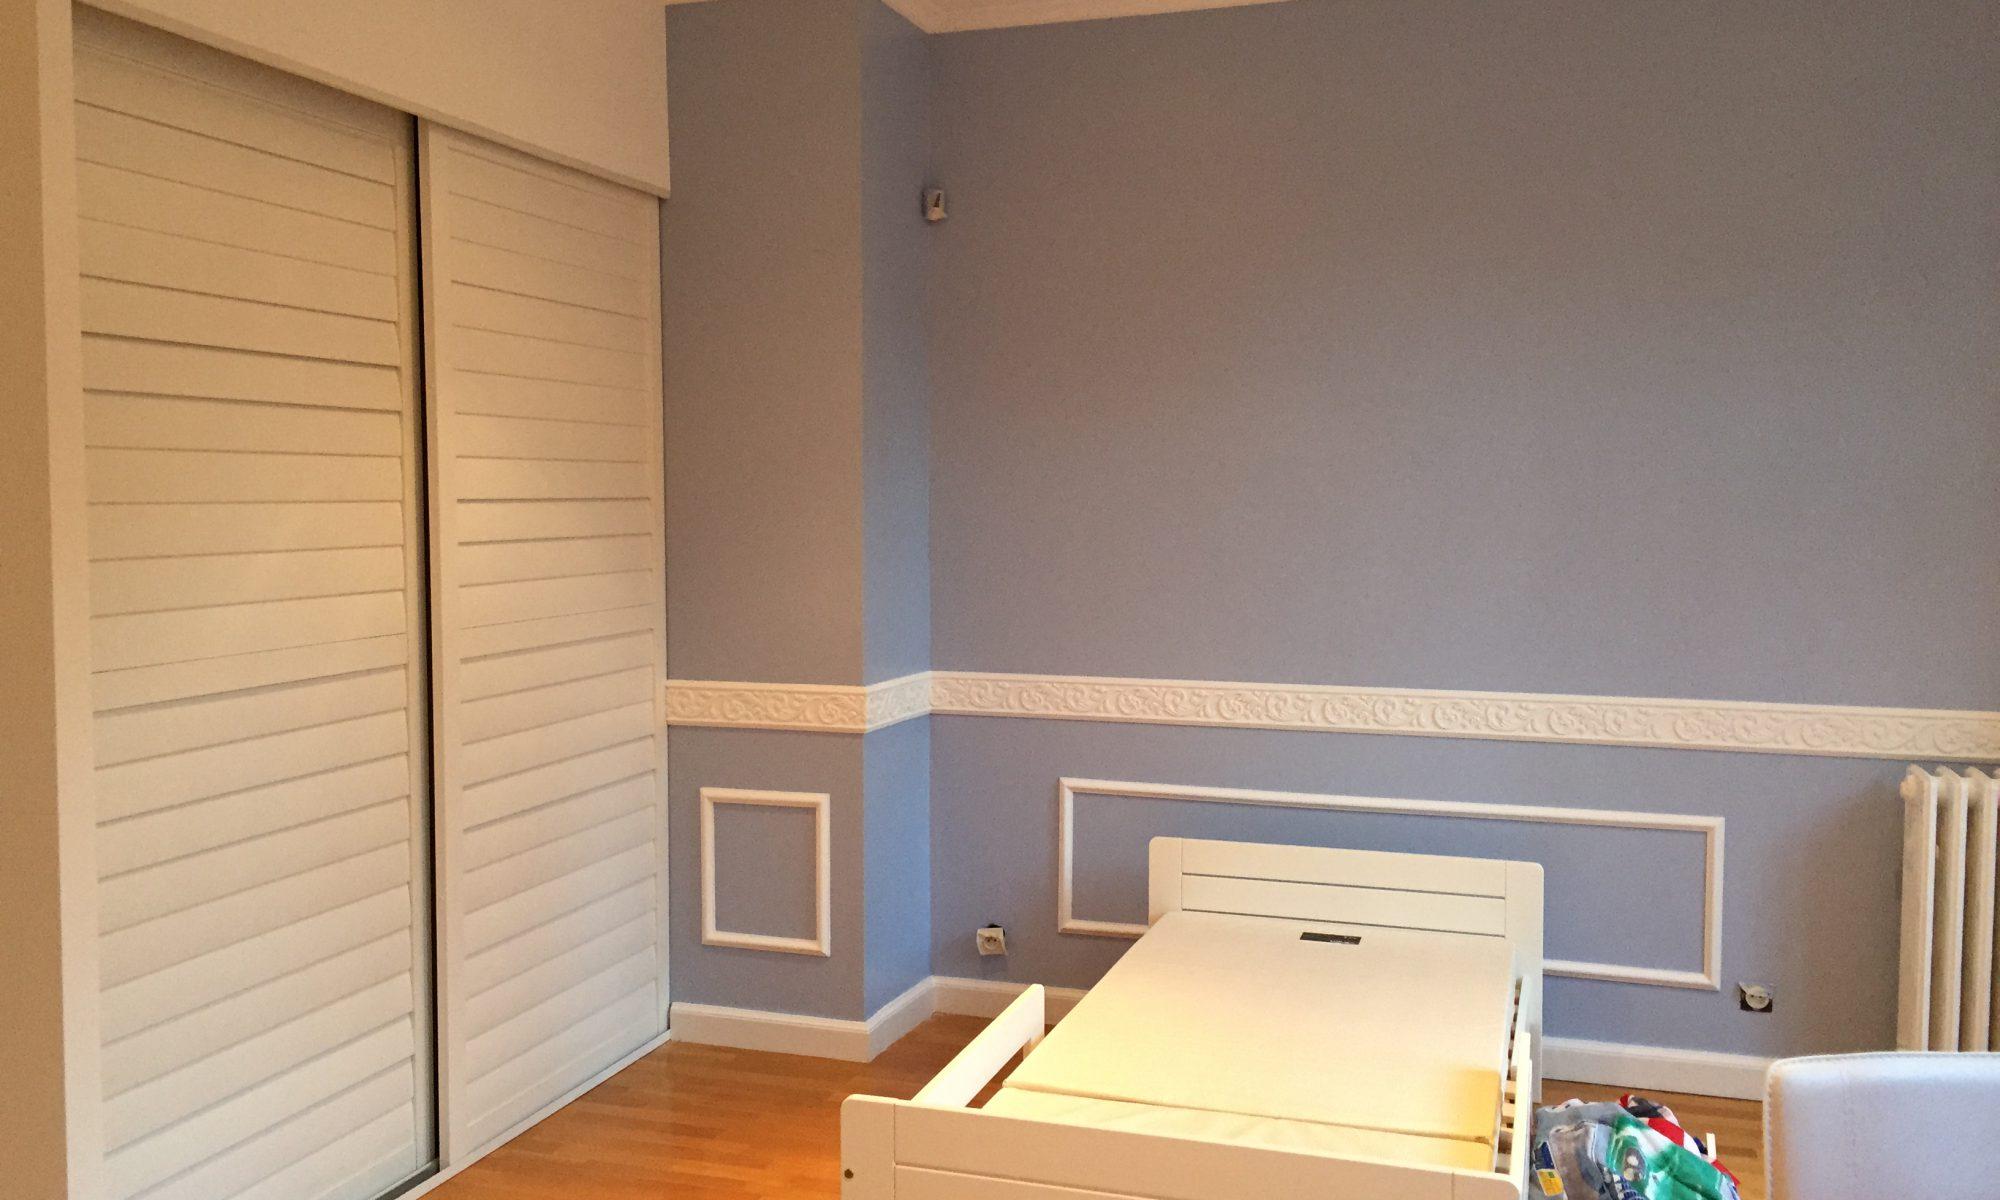 Rénovation intérieure : peinture, sol, luminaires et pose de placards